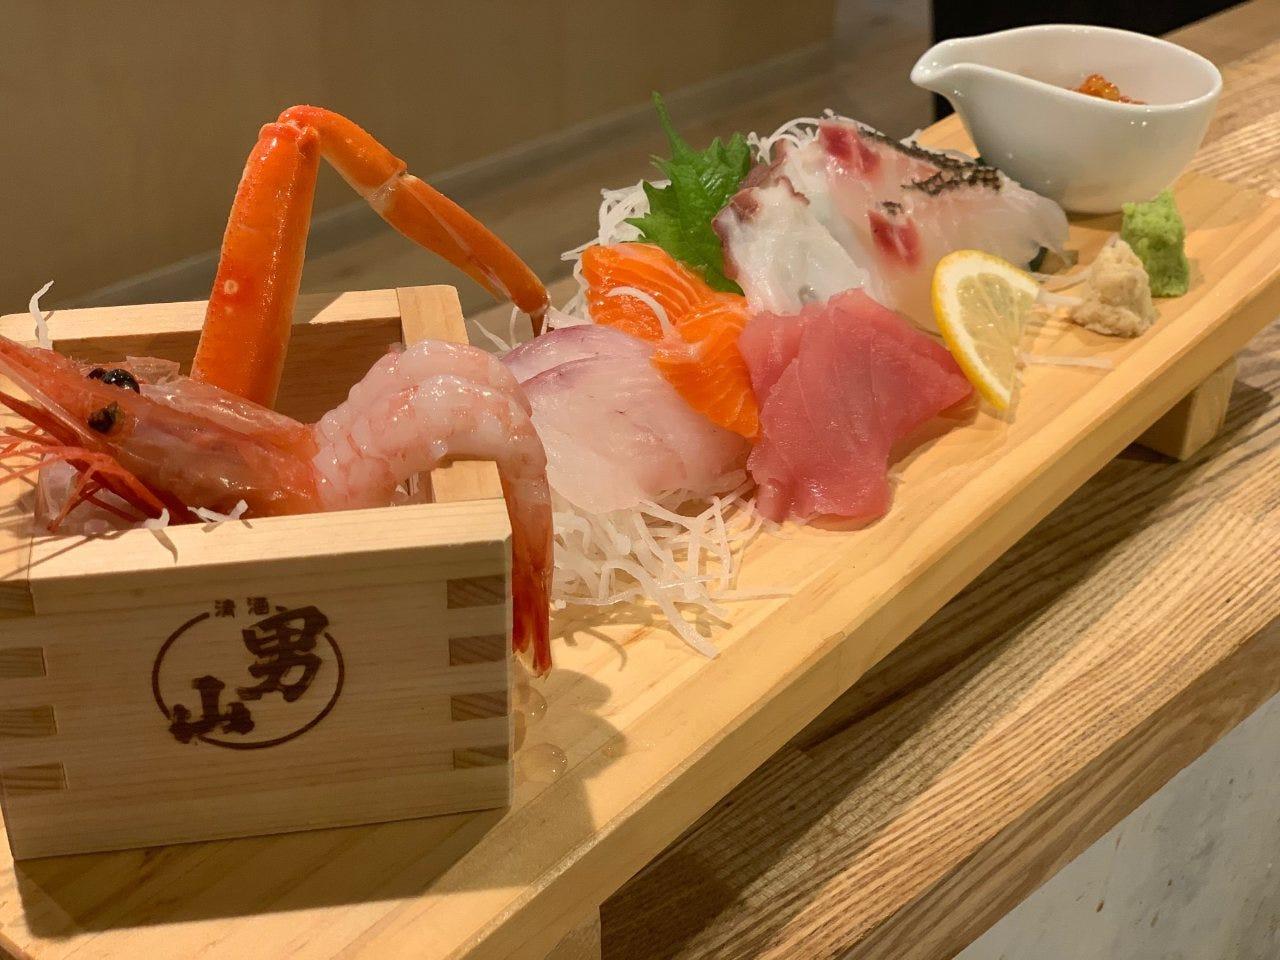 【漁港直送鮮魚】8点盛り500円★